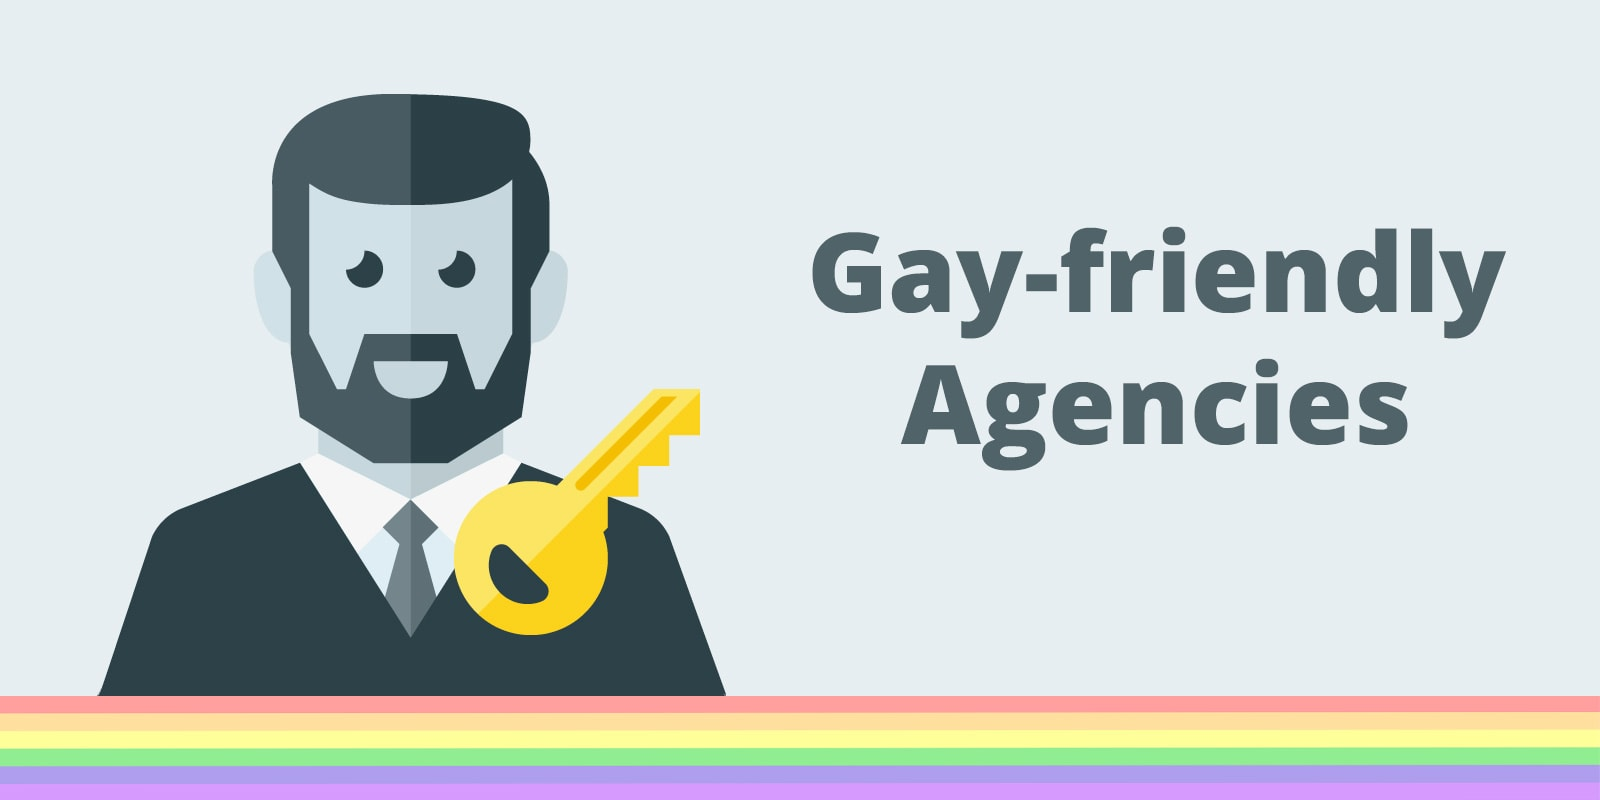 gay-friendly_agencies_1600x800-jpg